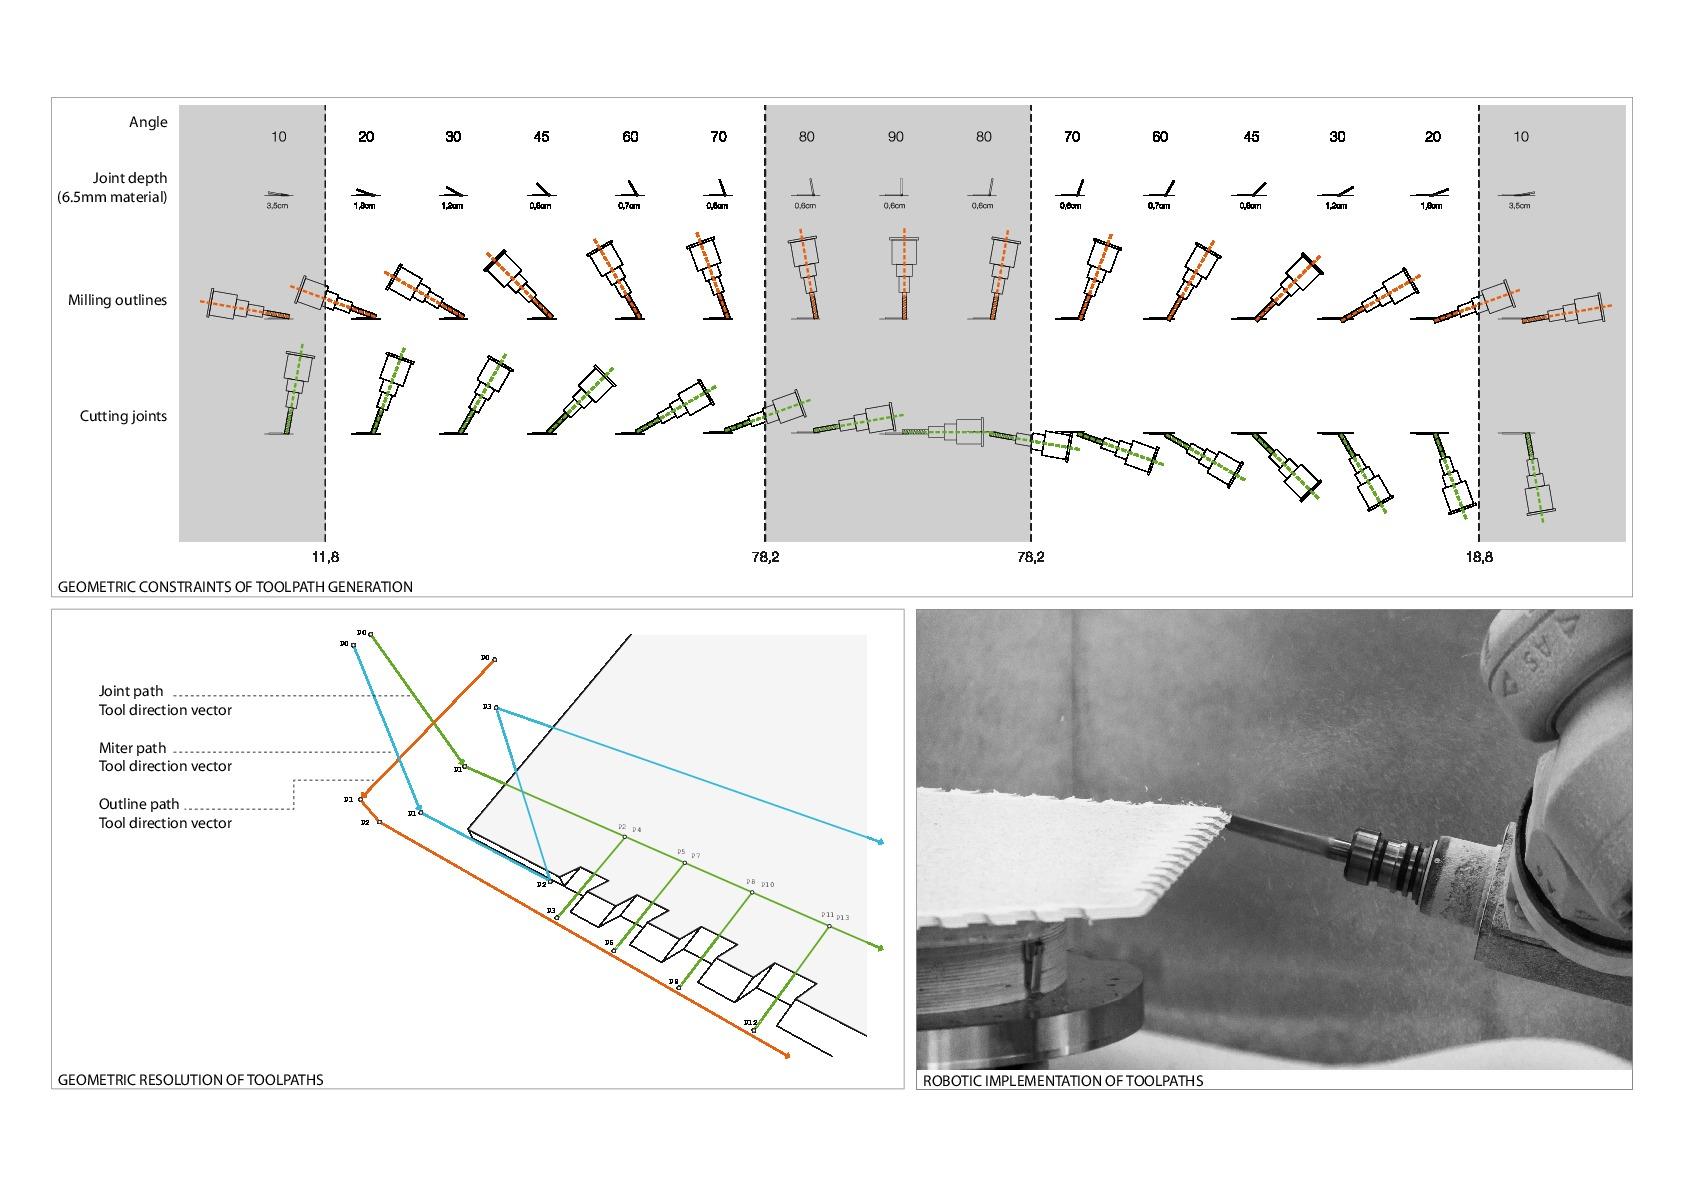 Dargestellt wird die Wechselbeziehung zwischen Geometrie des Fräswerkzeugs, Geometrie der Werkzeugbahnen und Entwurfsgeometrie.